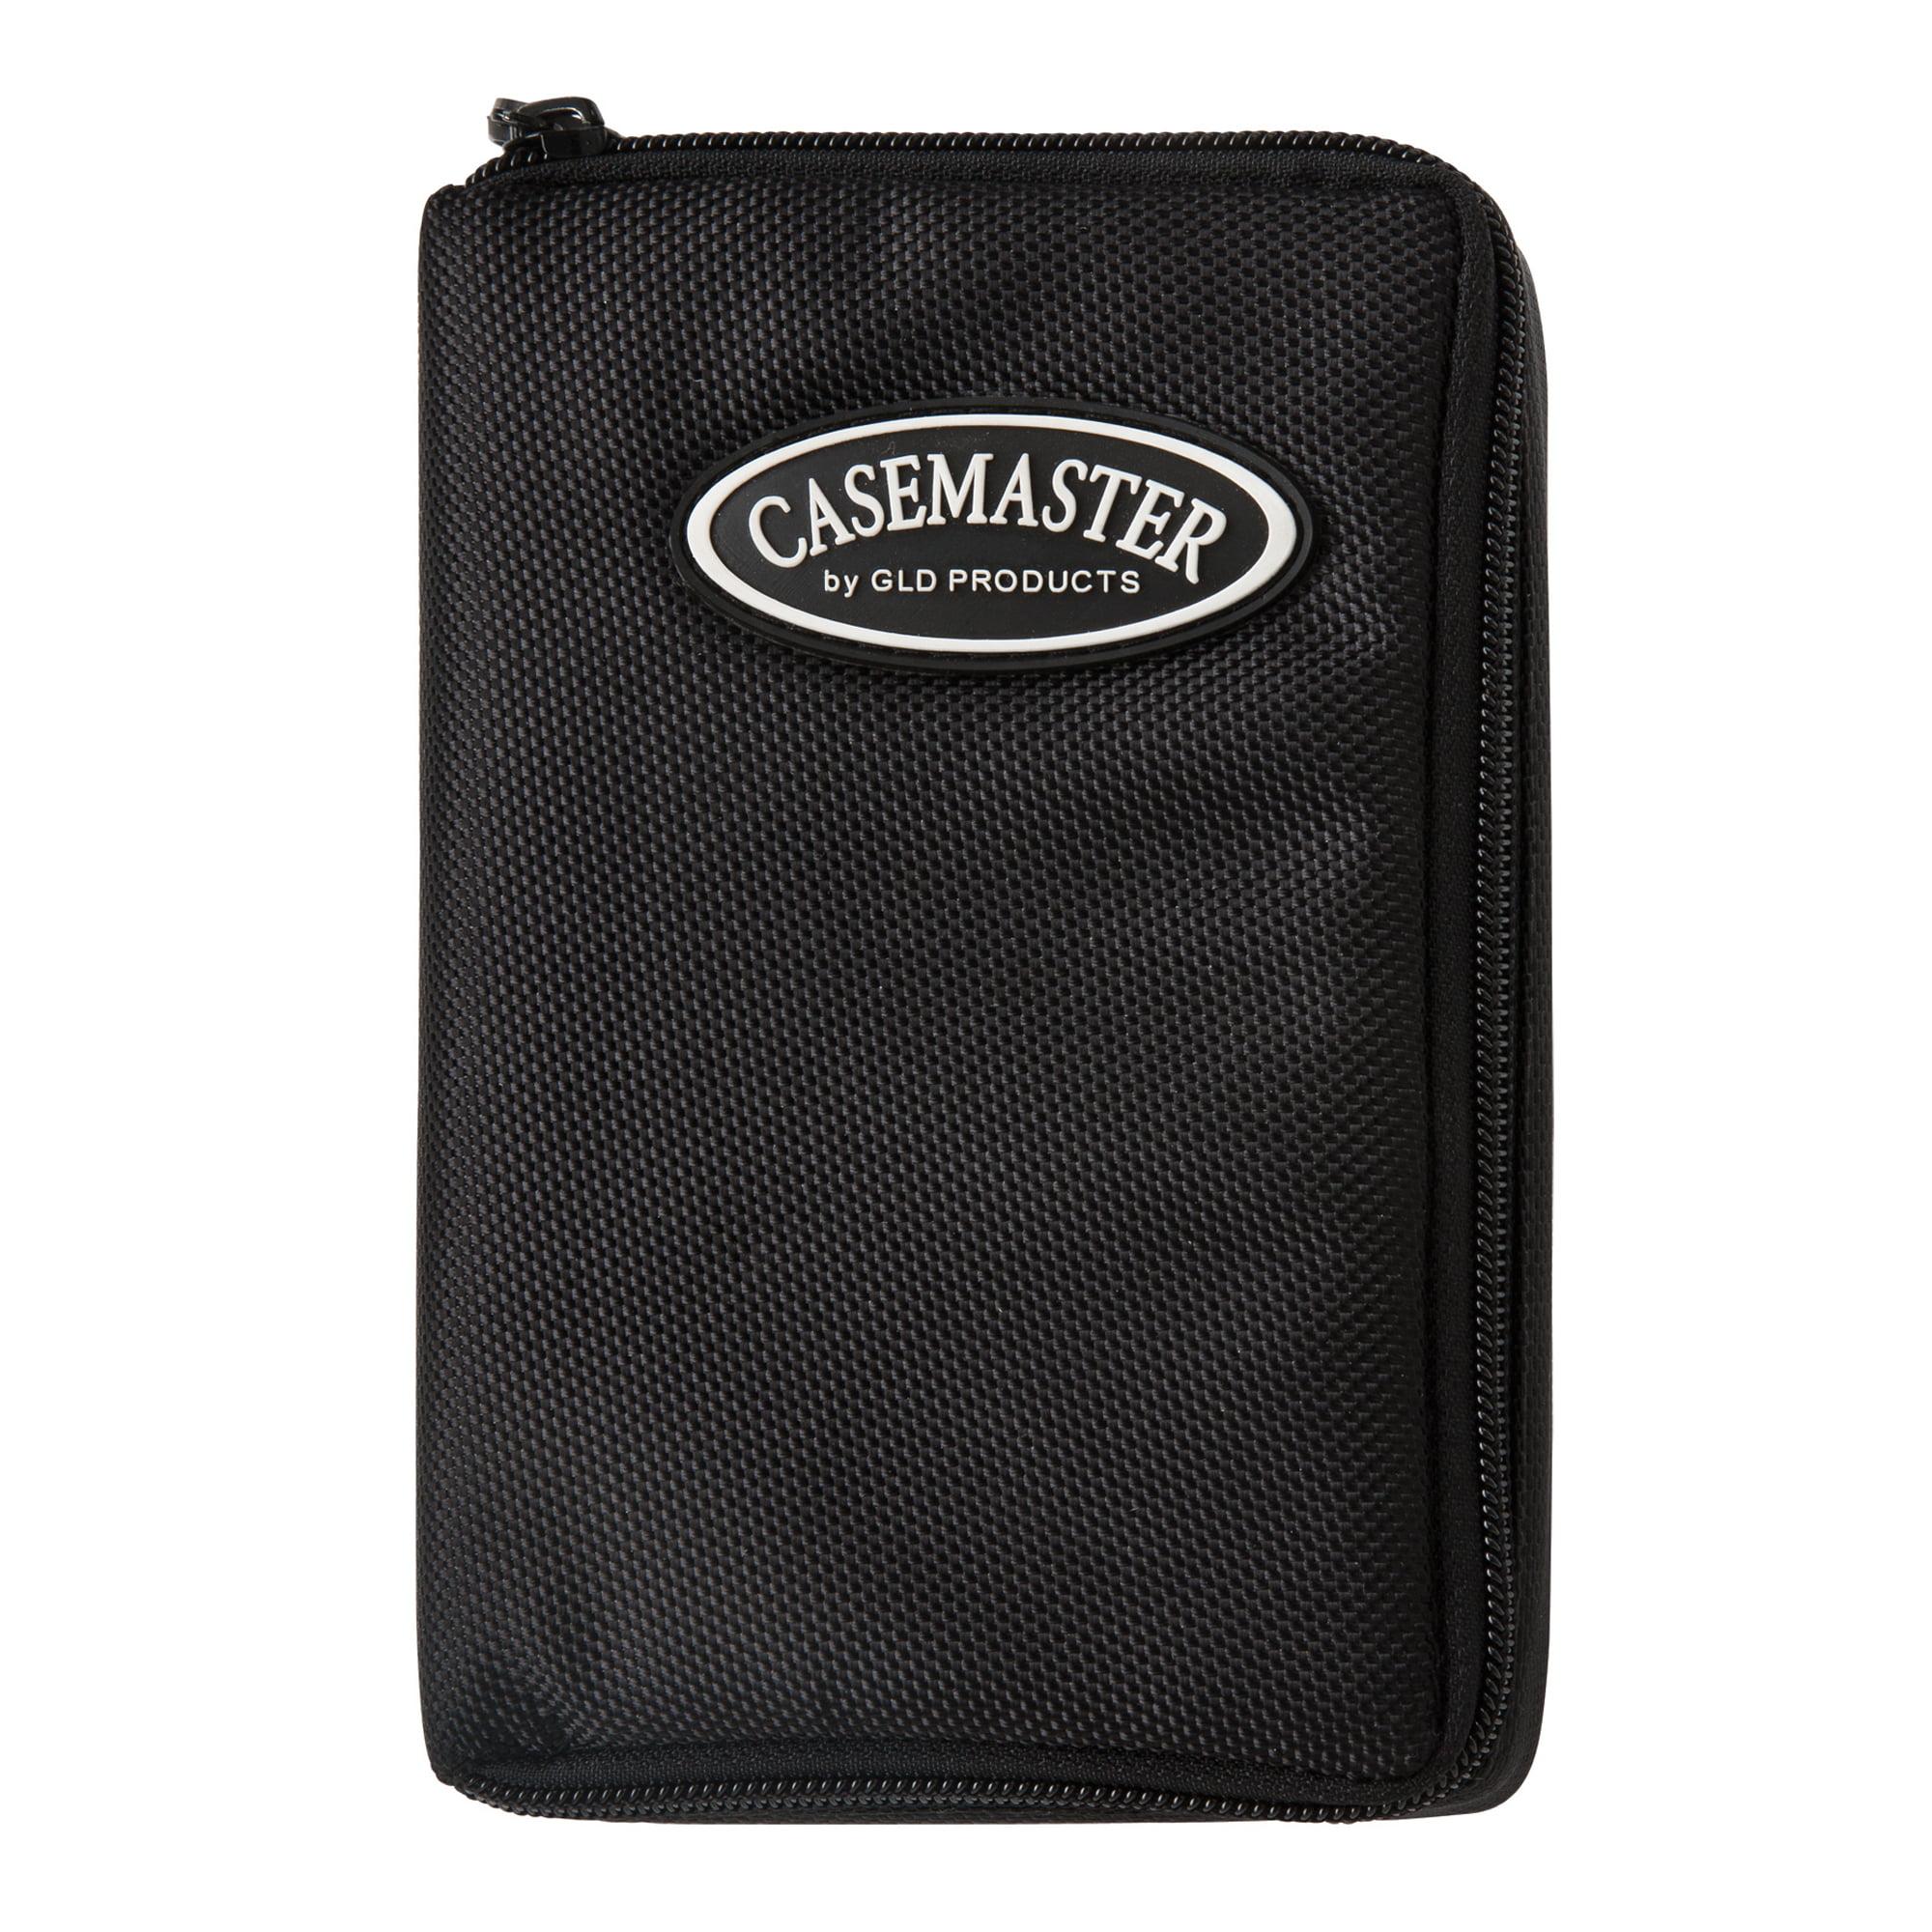 Casemaster Select Black Nylon Dart Case